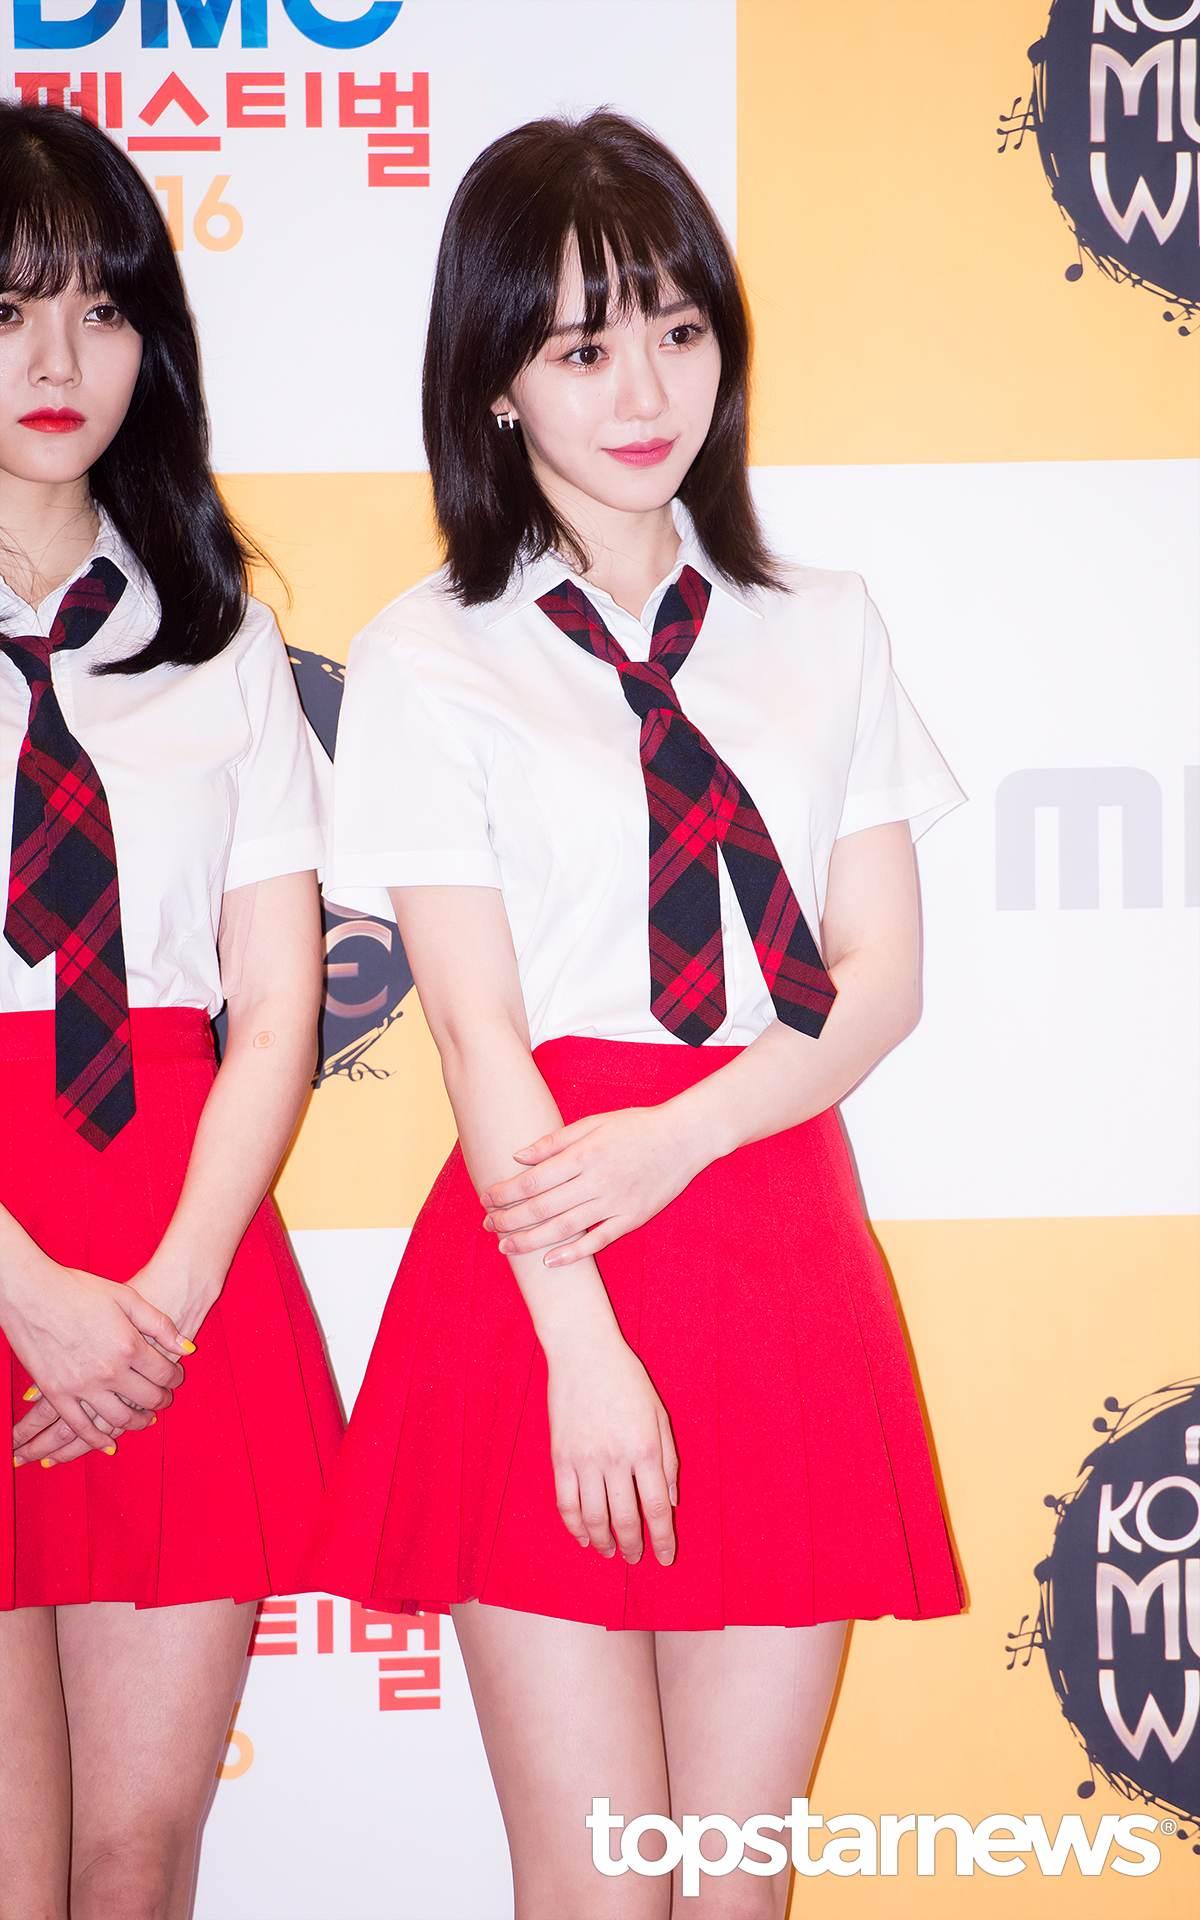 ◆微層次短髮-珉娥 雖然一樣是及肩短髮,但是珉娥的短髮造型卻有點不同喔!在髮尾的部分作一點點層次的設計,讓人覺得沒那麼厚重,適合小隻女孩呢!